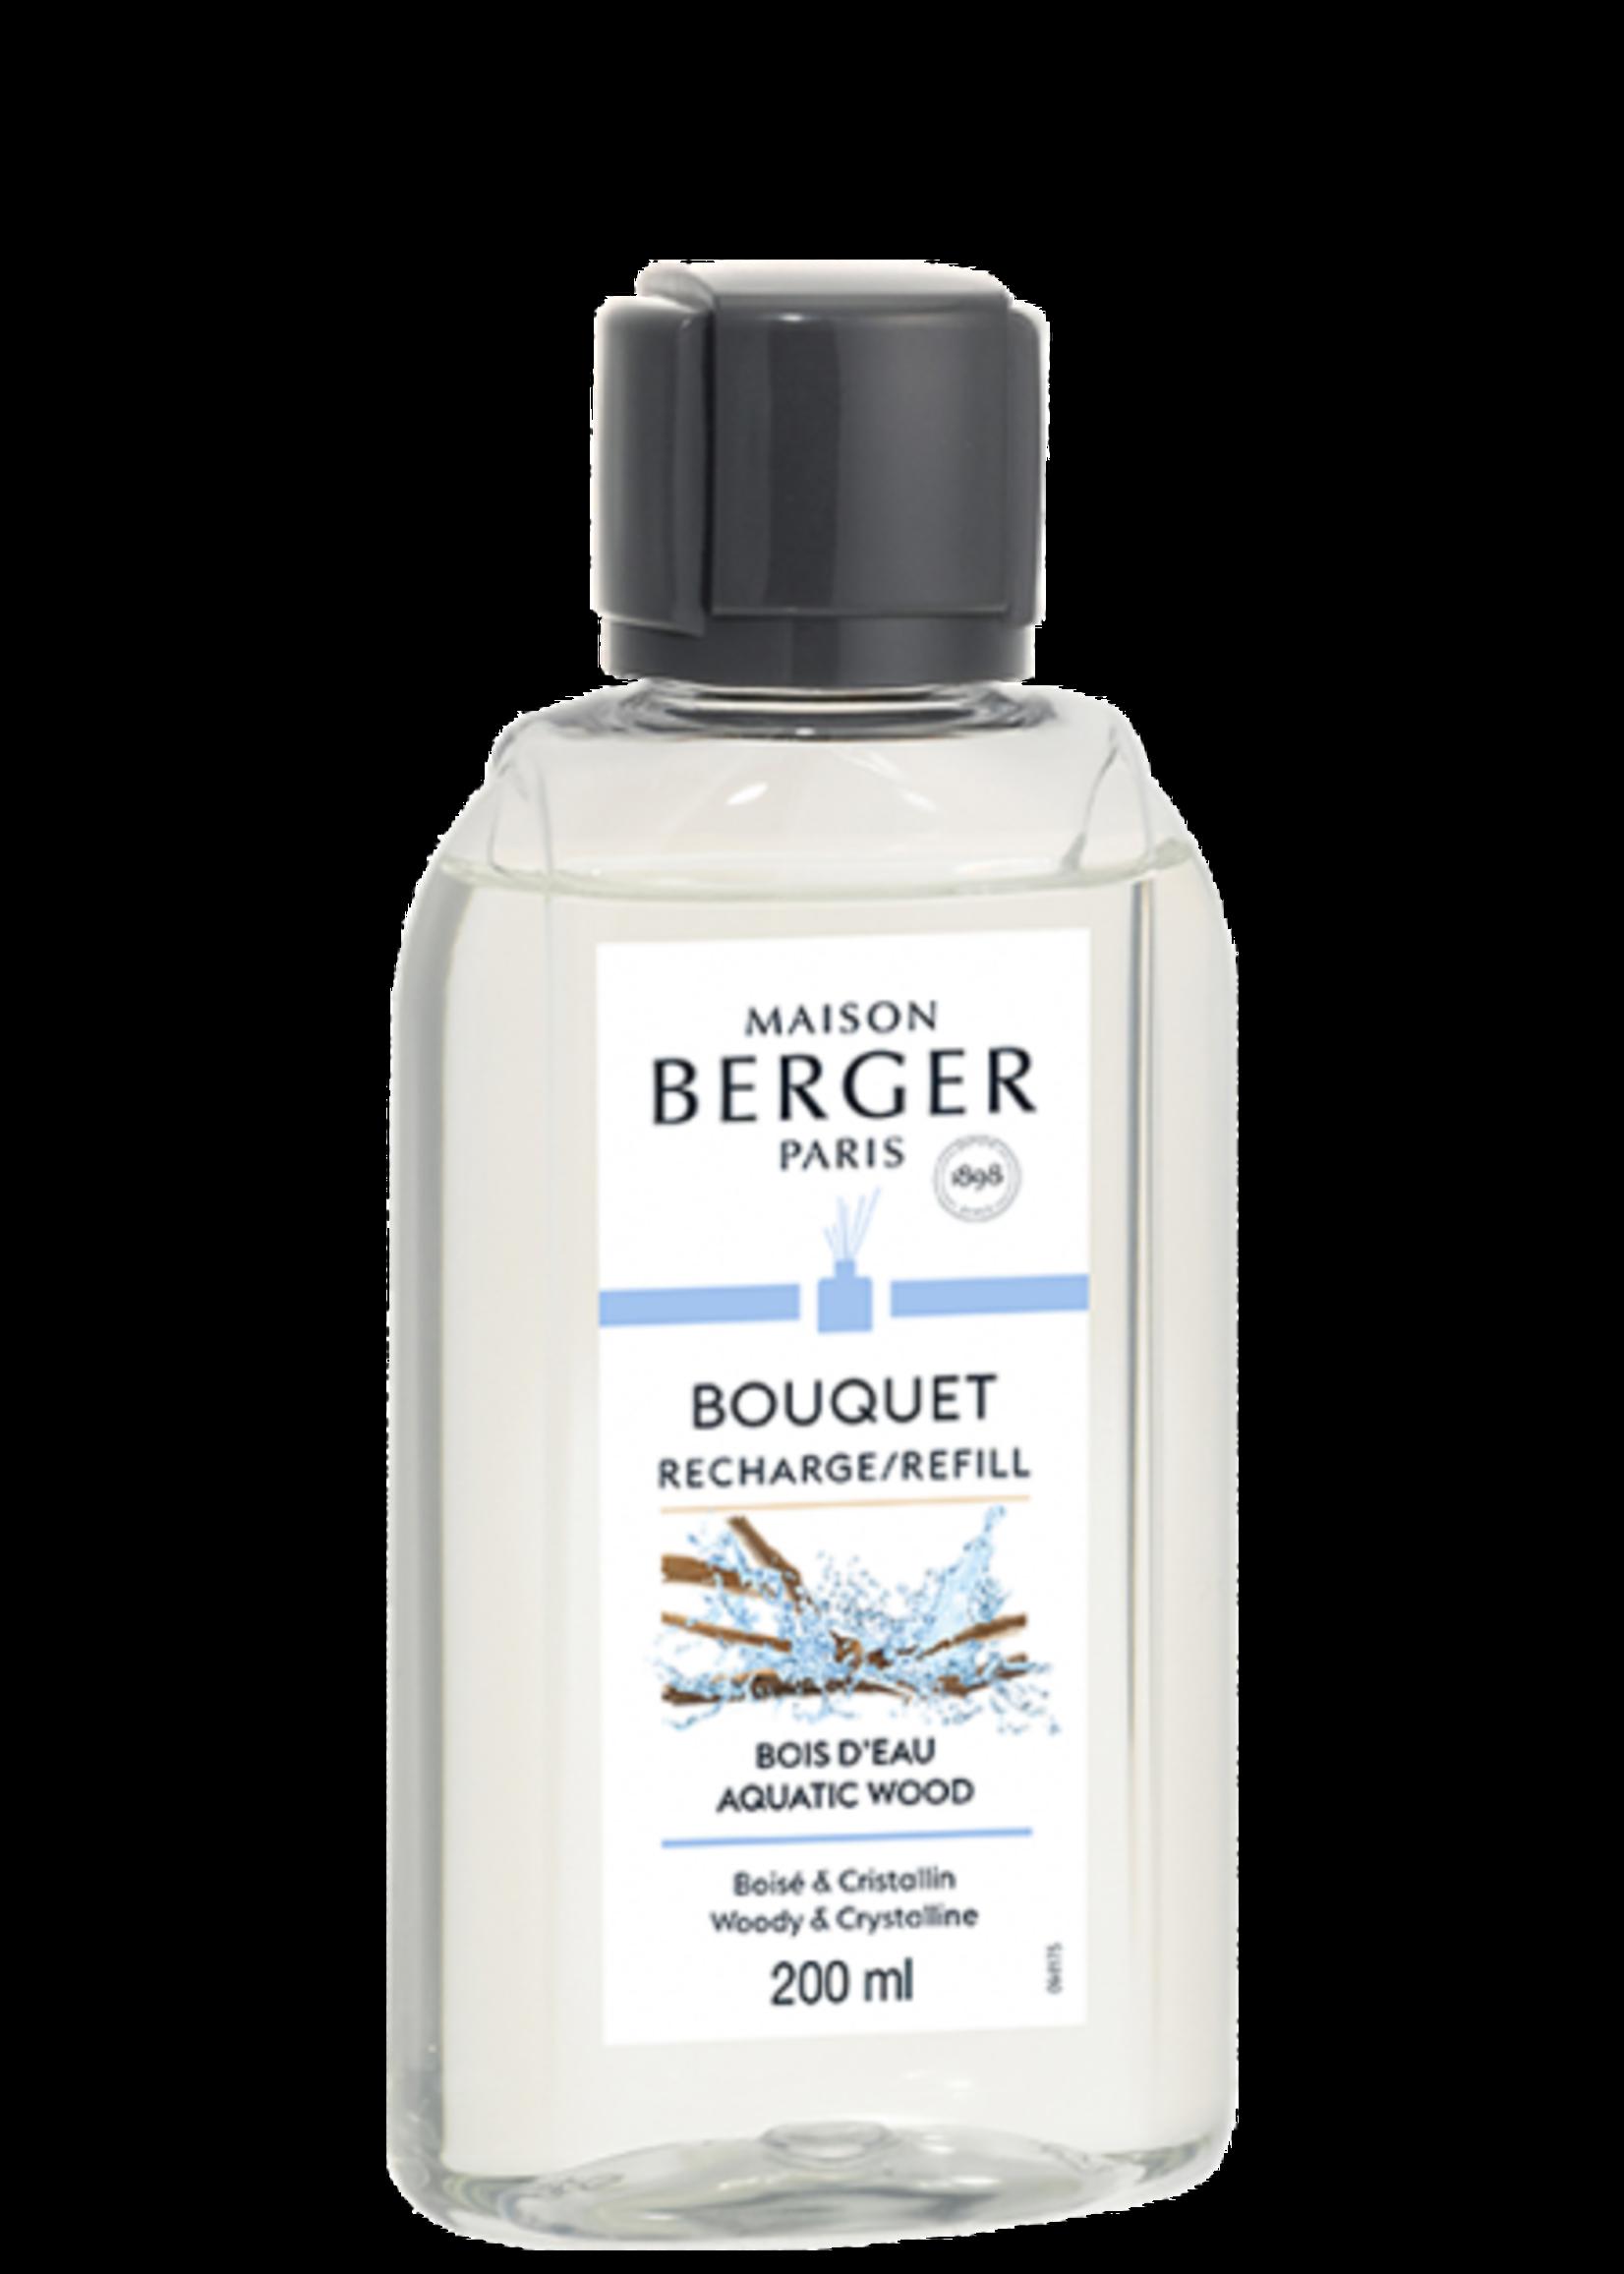 Parfum de Berger Navulling Parfum Berger Bois d'Eau